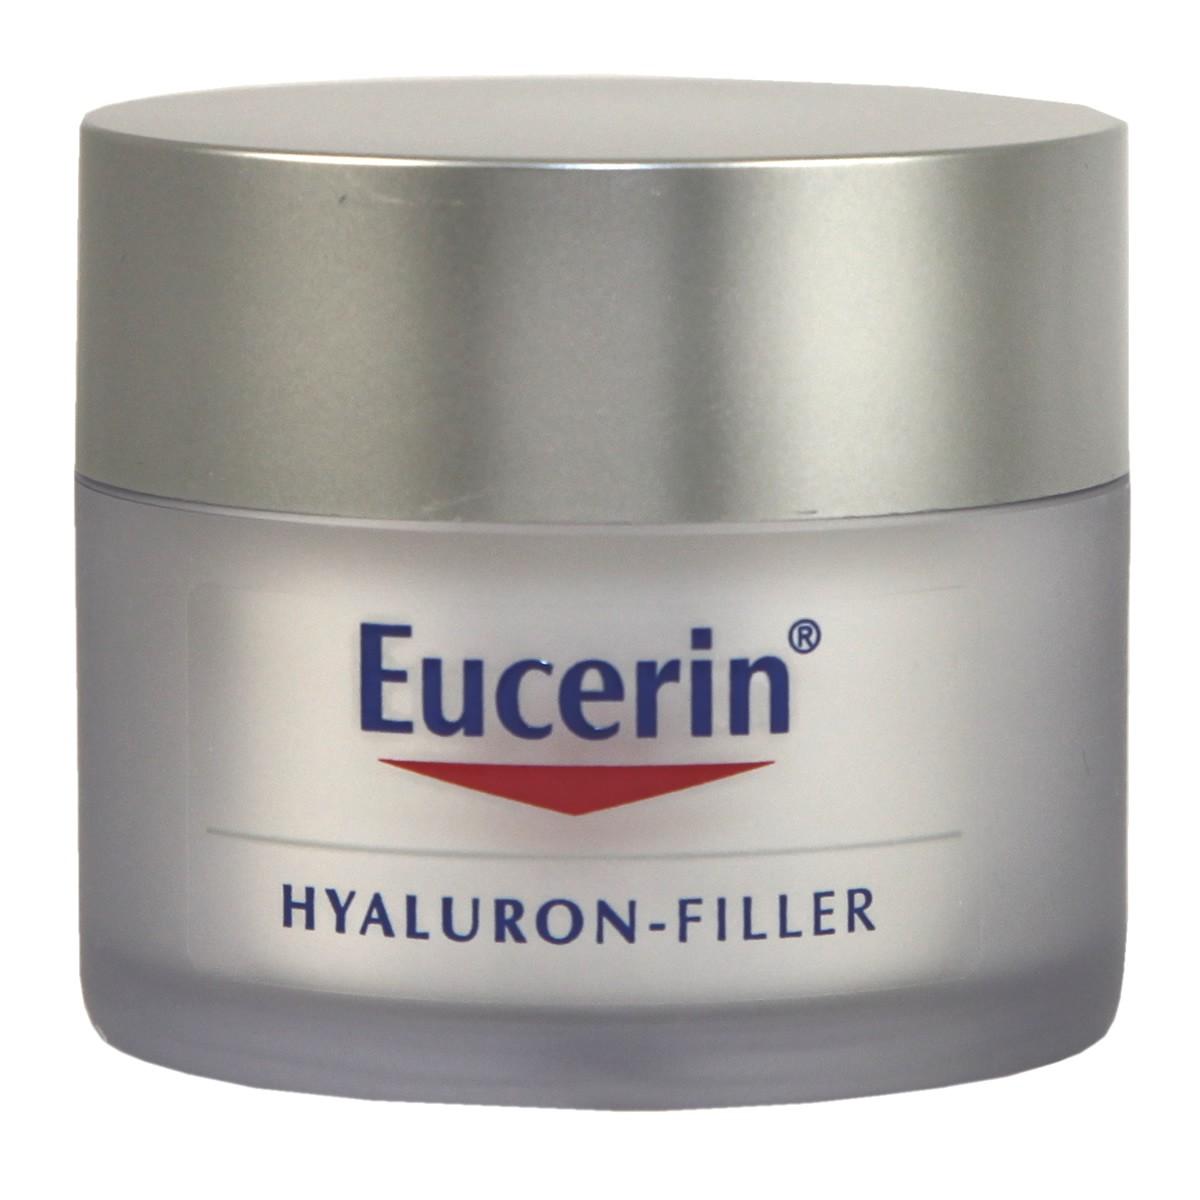 Eucerin Hyaluron-Filler Day Cream for Dry Skin